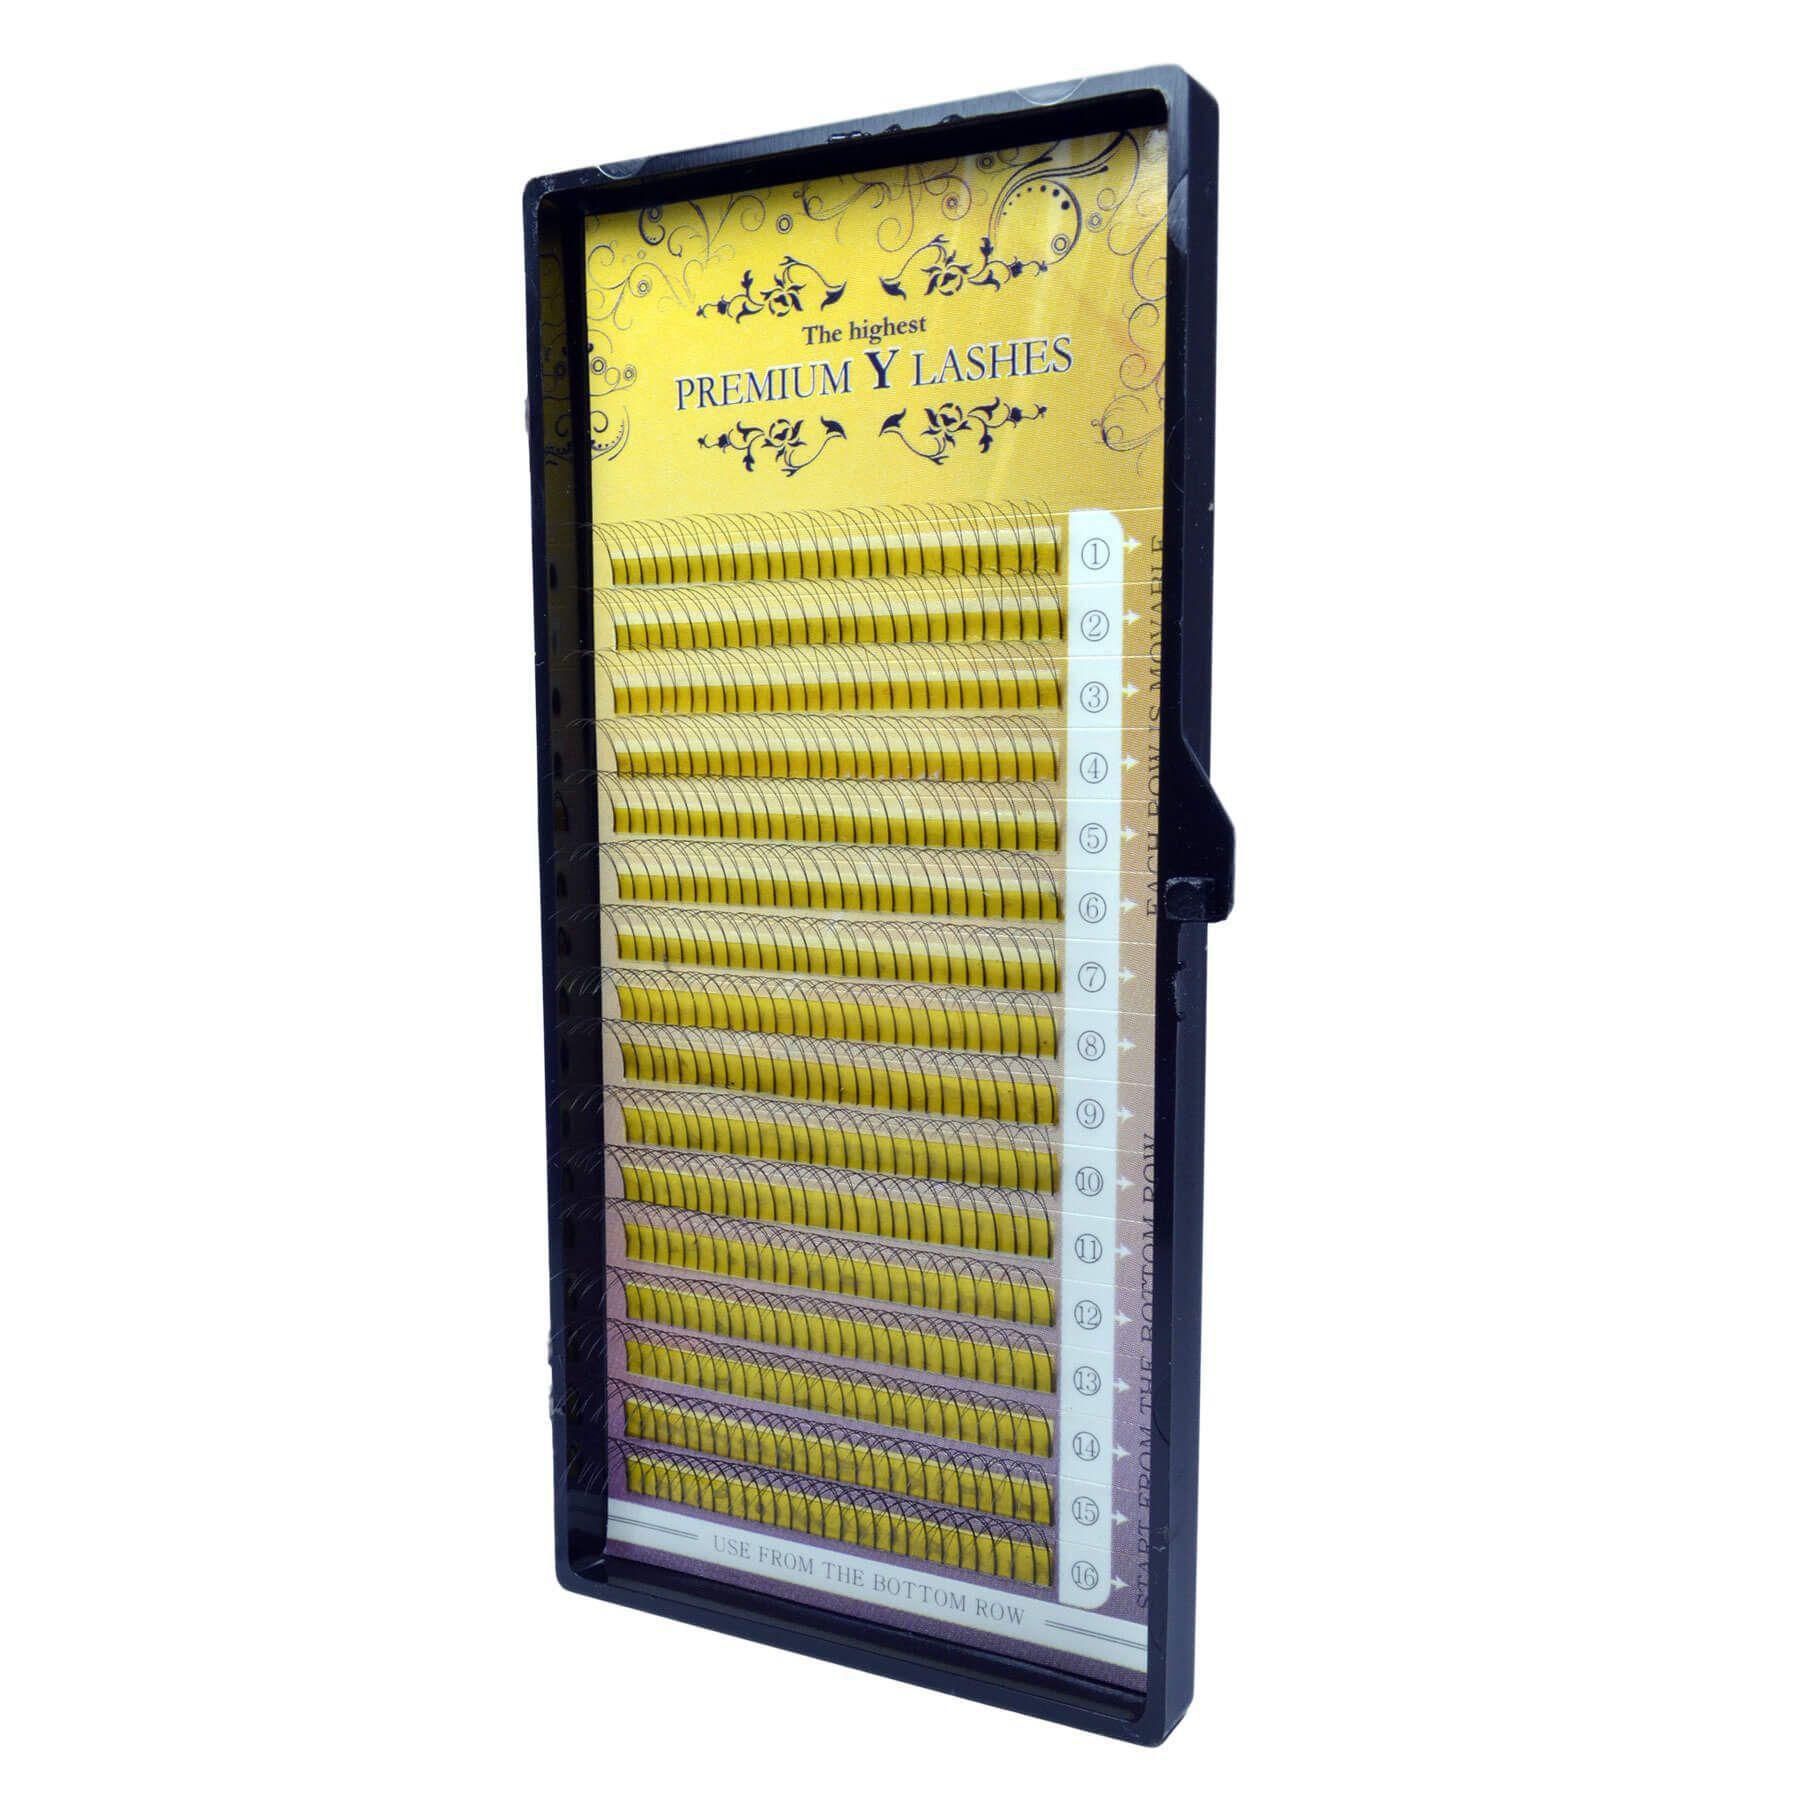 Cílios Premium Y Lashes Fans Mix de 8mm a 14mm 0.07 C